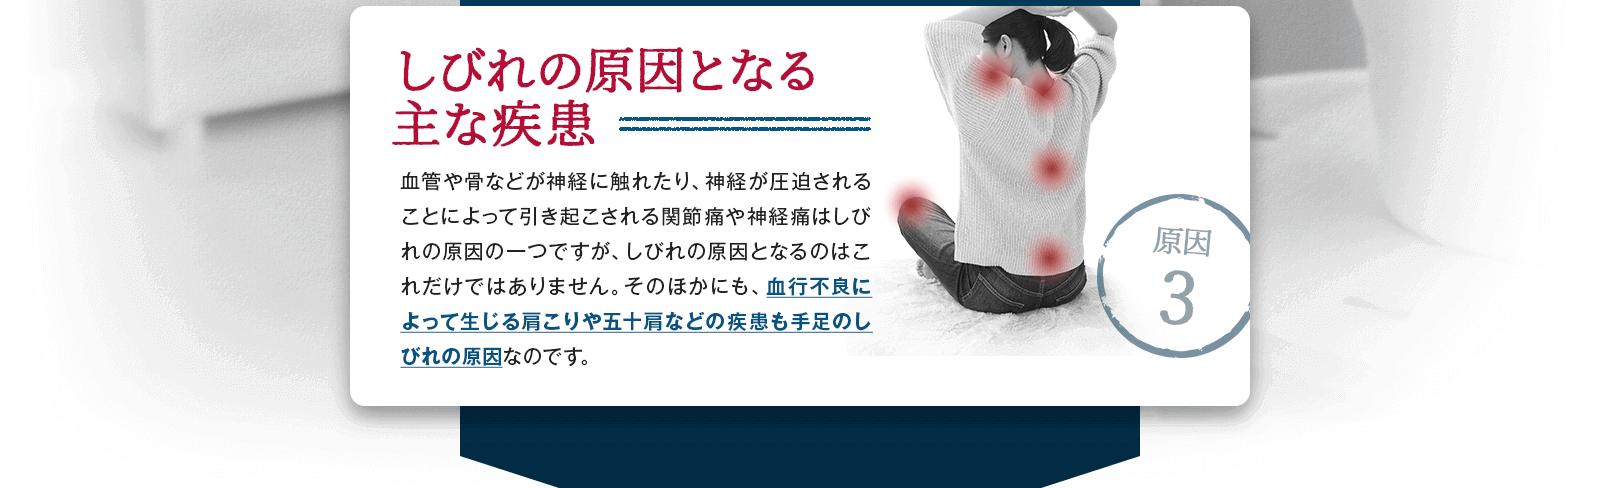 しびれの原因となる主な疾患